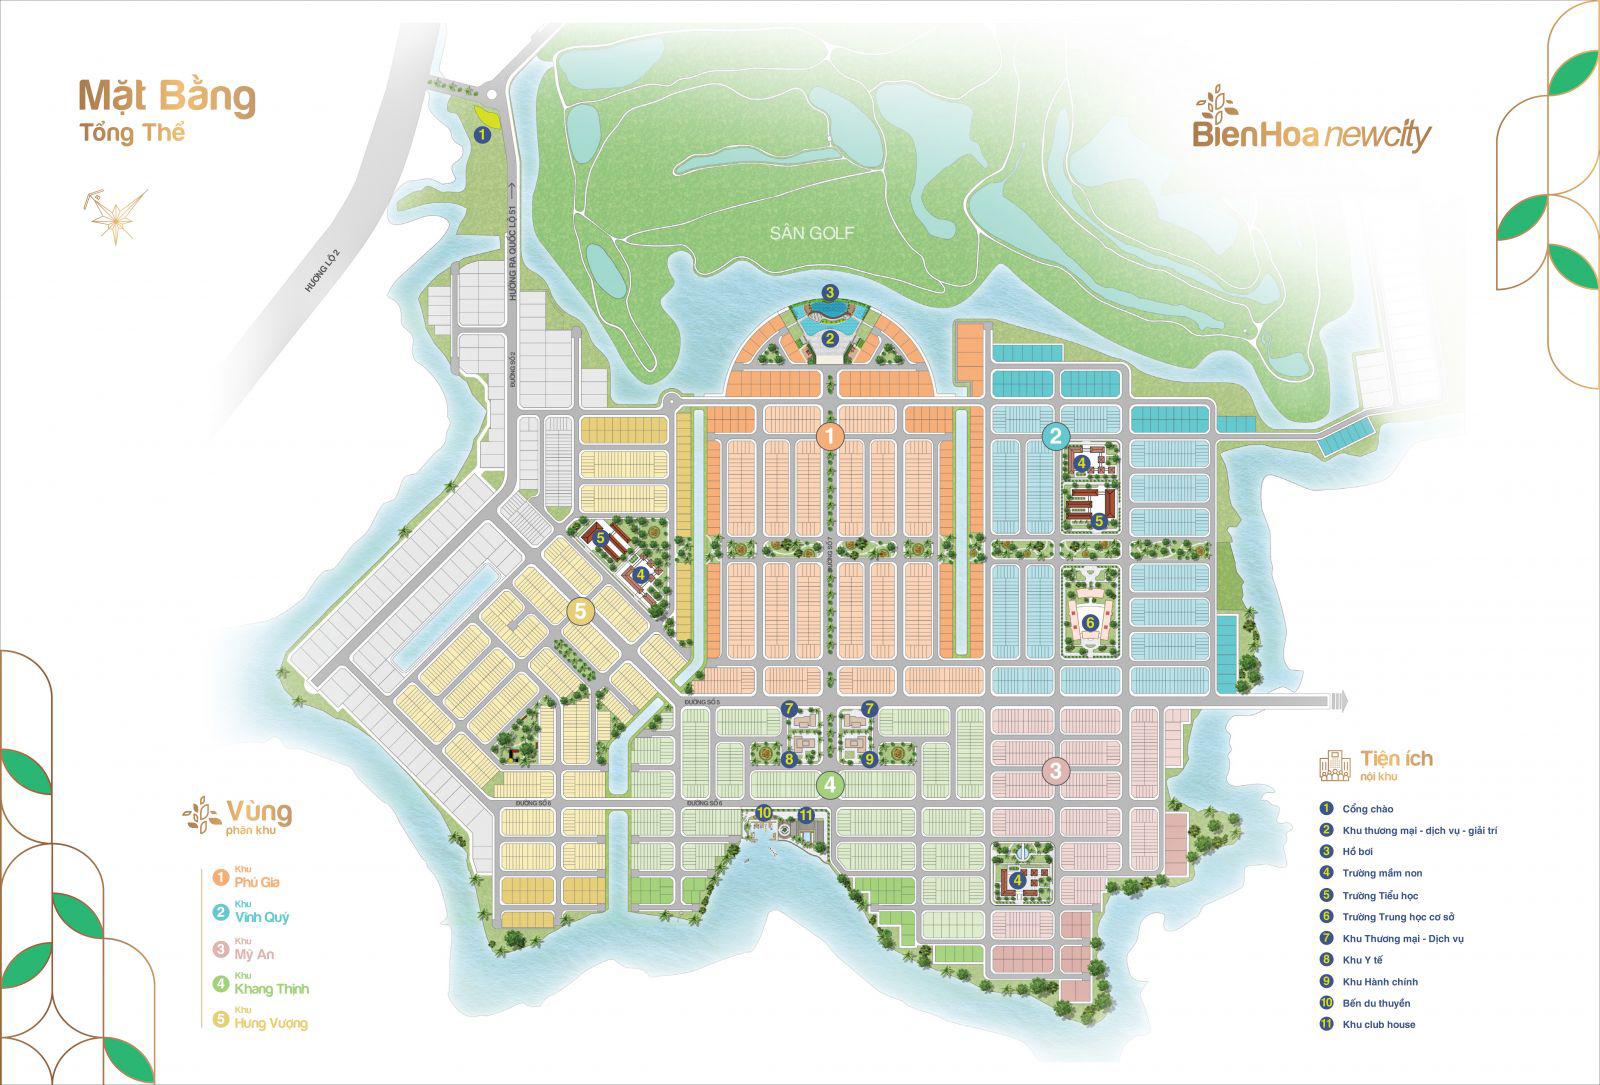 Dự án đất nền Hưng Thịnh, Căn hộ Q7 -  Căn hộ Q7 và Dự án đất nền Hưng Thịnh - Những thành công nổi bật năm 2018